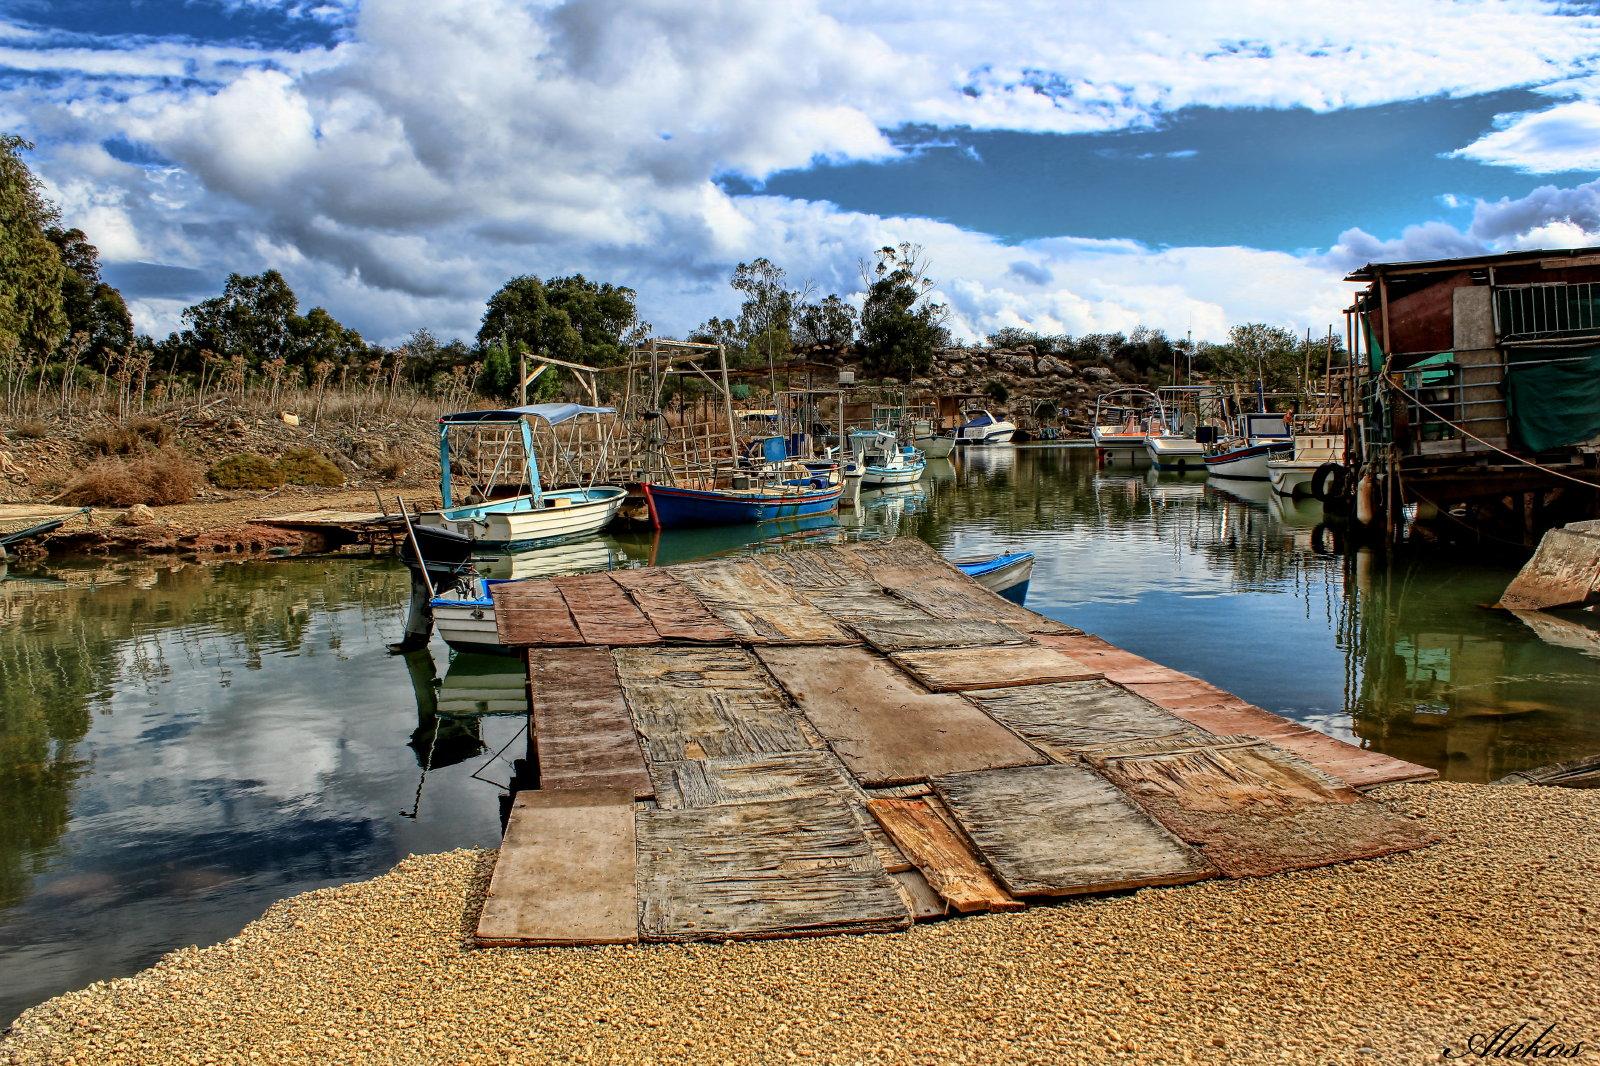 Ξεκινά αυτό το χρόνο ο εξωραϊσμός του ποταμού Λιοπετρίου